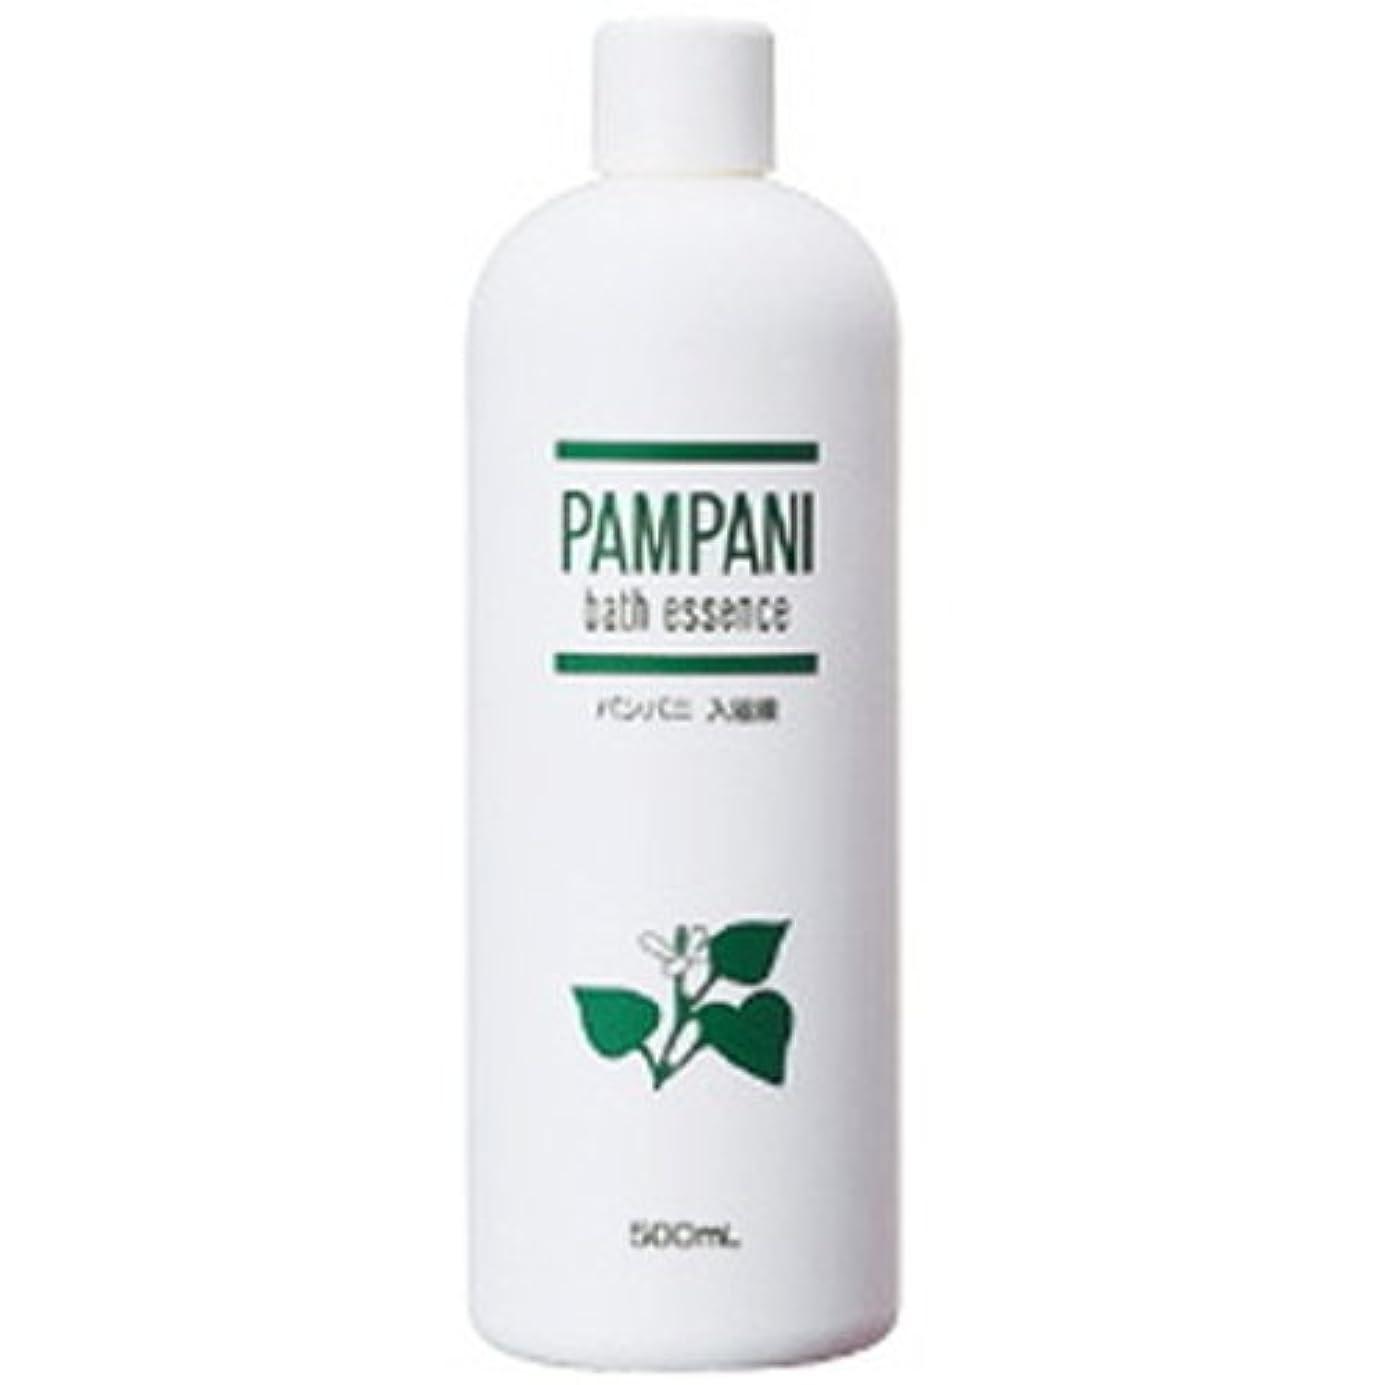 枠気づく決済パンパニ(PAMPANI) 入浴液(希釈タイプ) 500ml